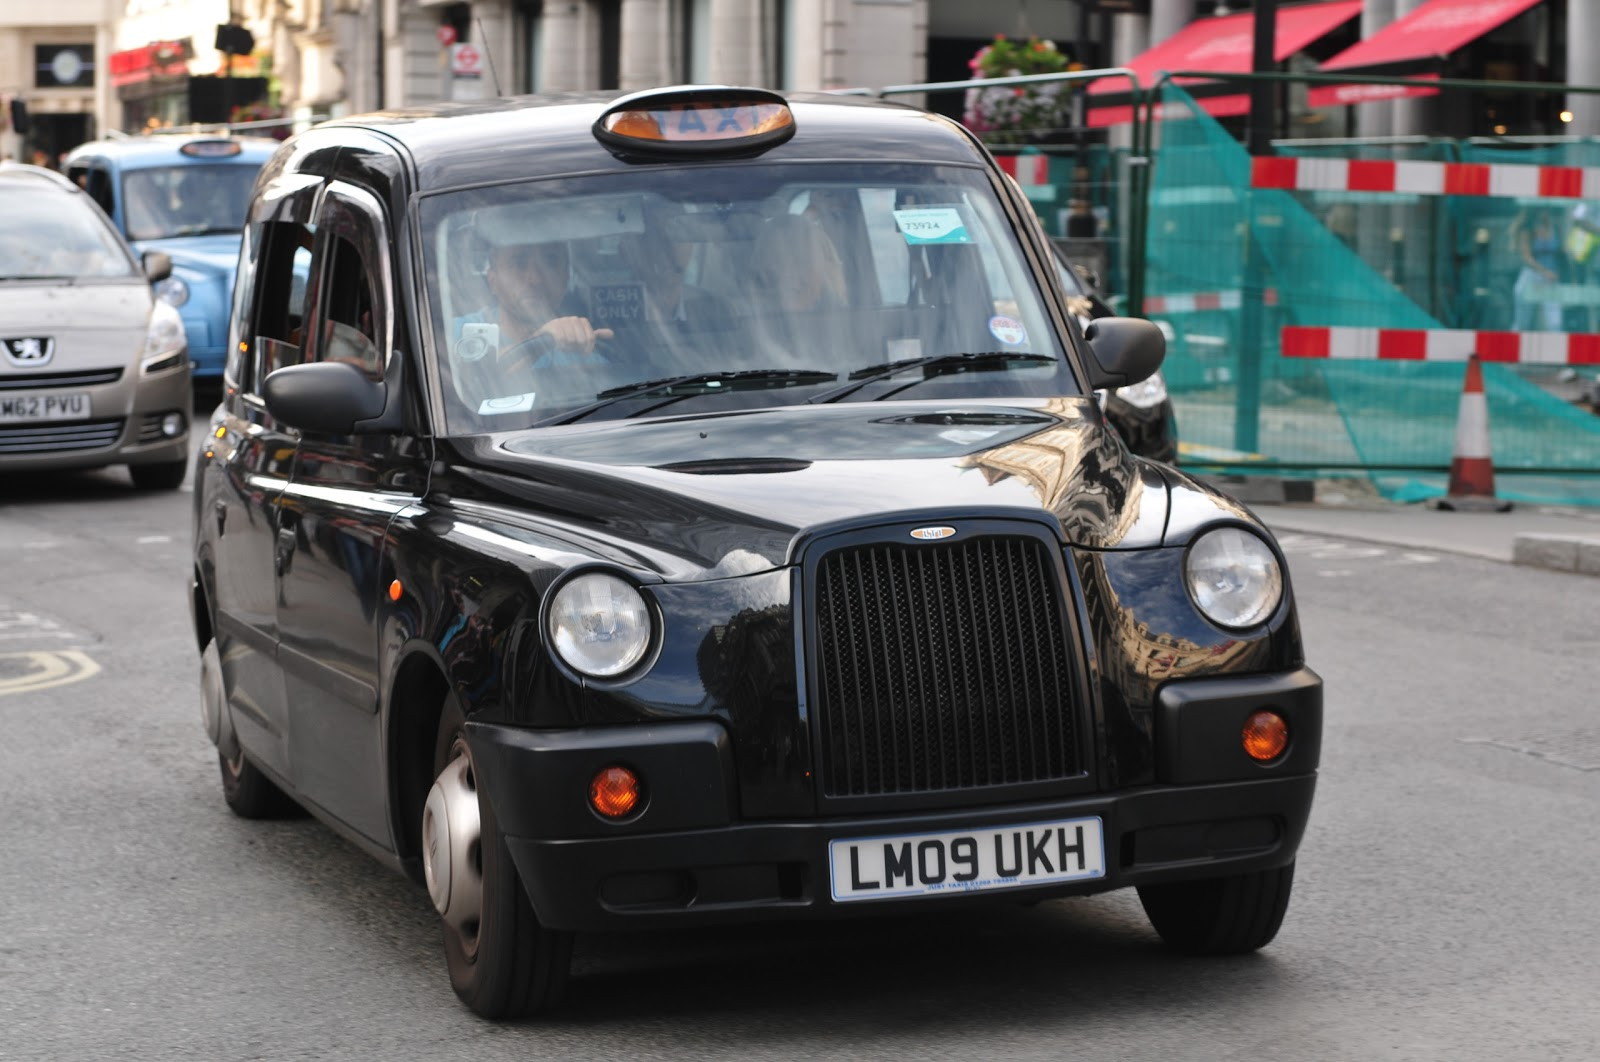 ロンドン市街のブラックキャブの右前方の車体